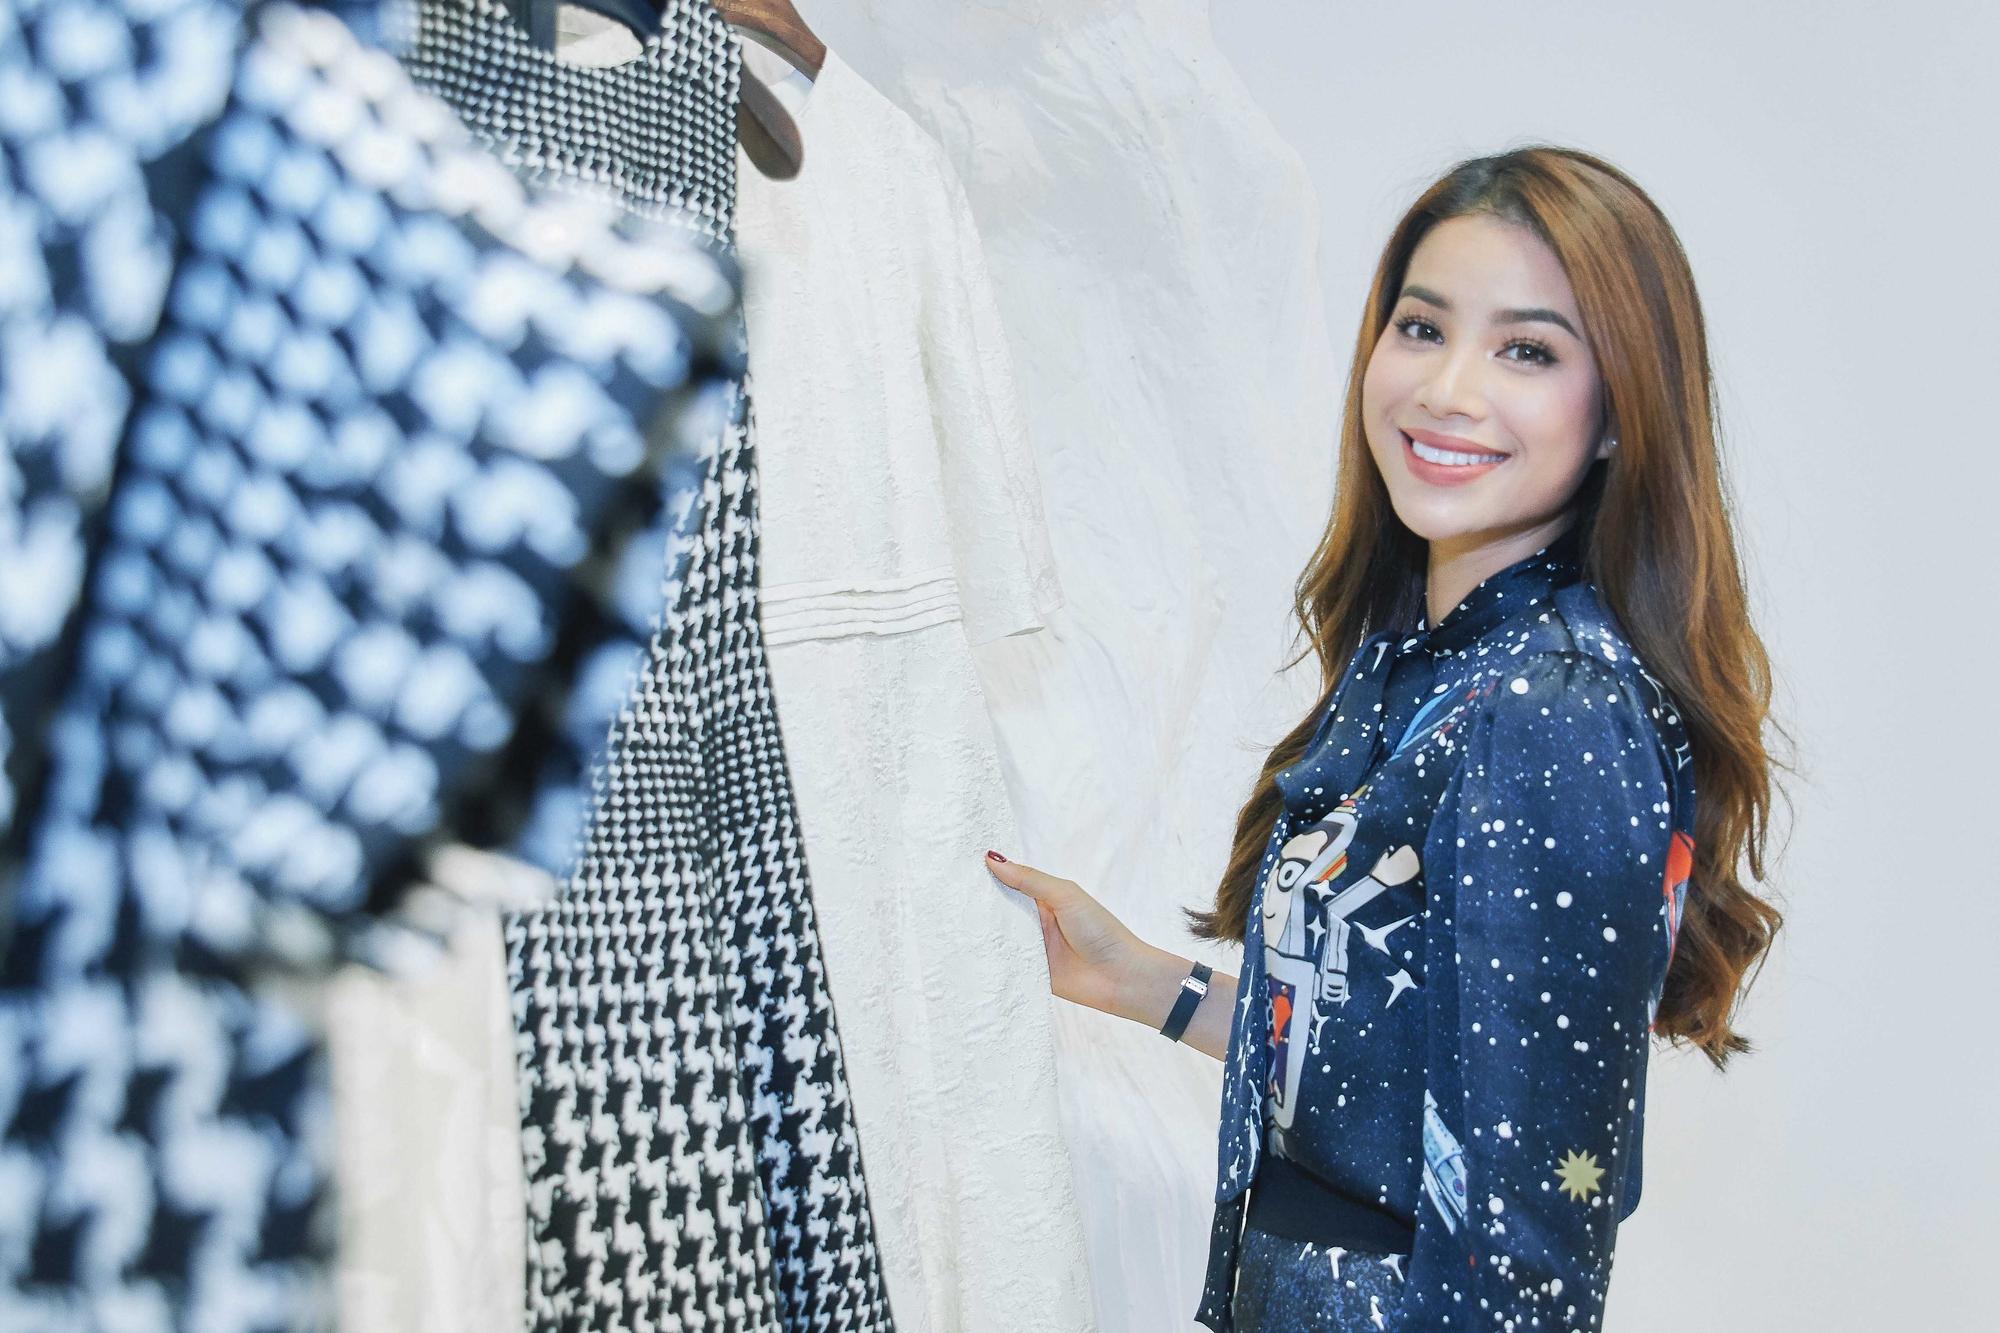 Kỳ Duyên ngày một ra dáng fashion icon, đọ sắc với Phạm Hương trong buổi thử đồ của NTK Adrian Anh Tuấn - Ảnh 1.